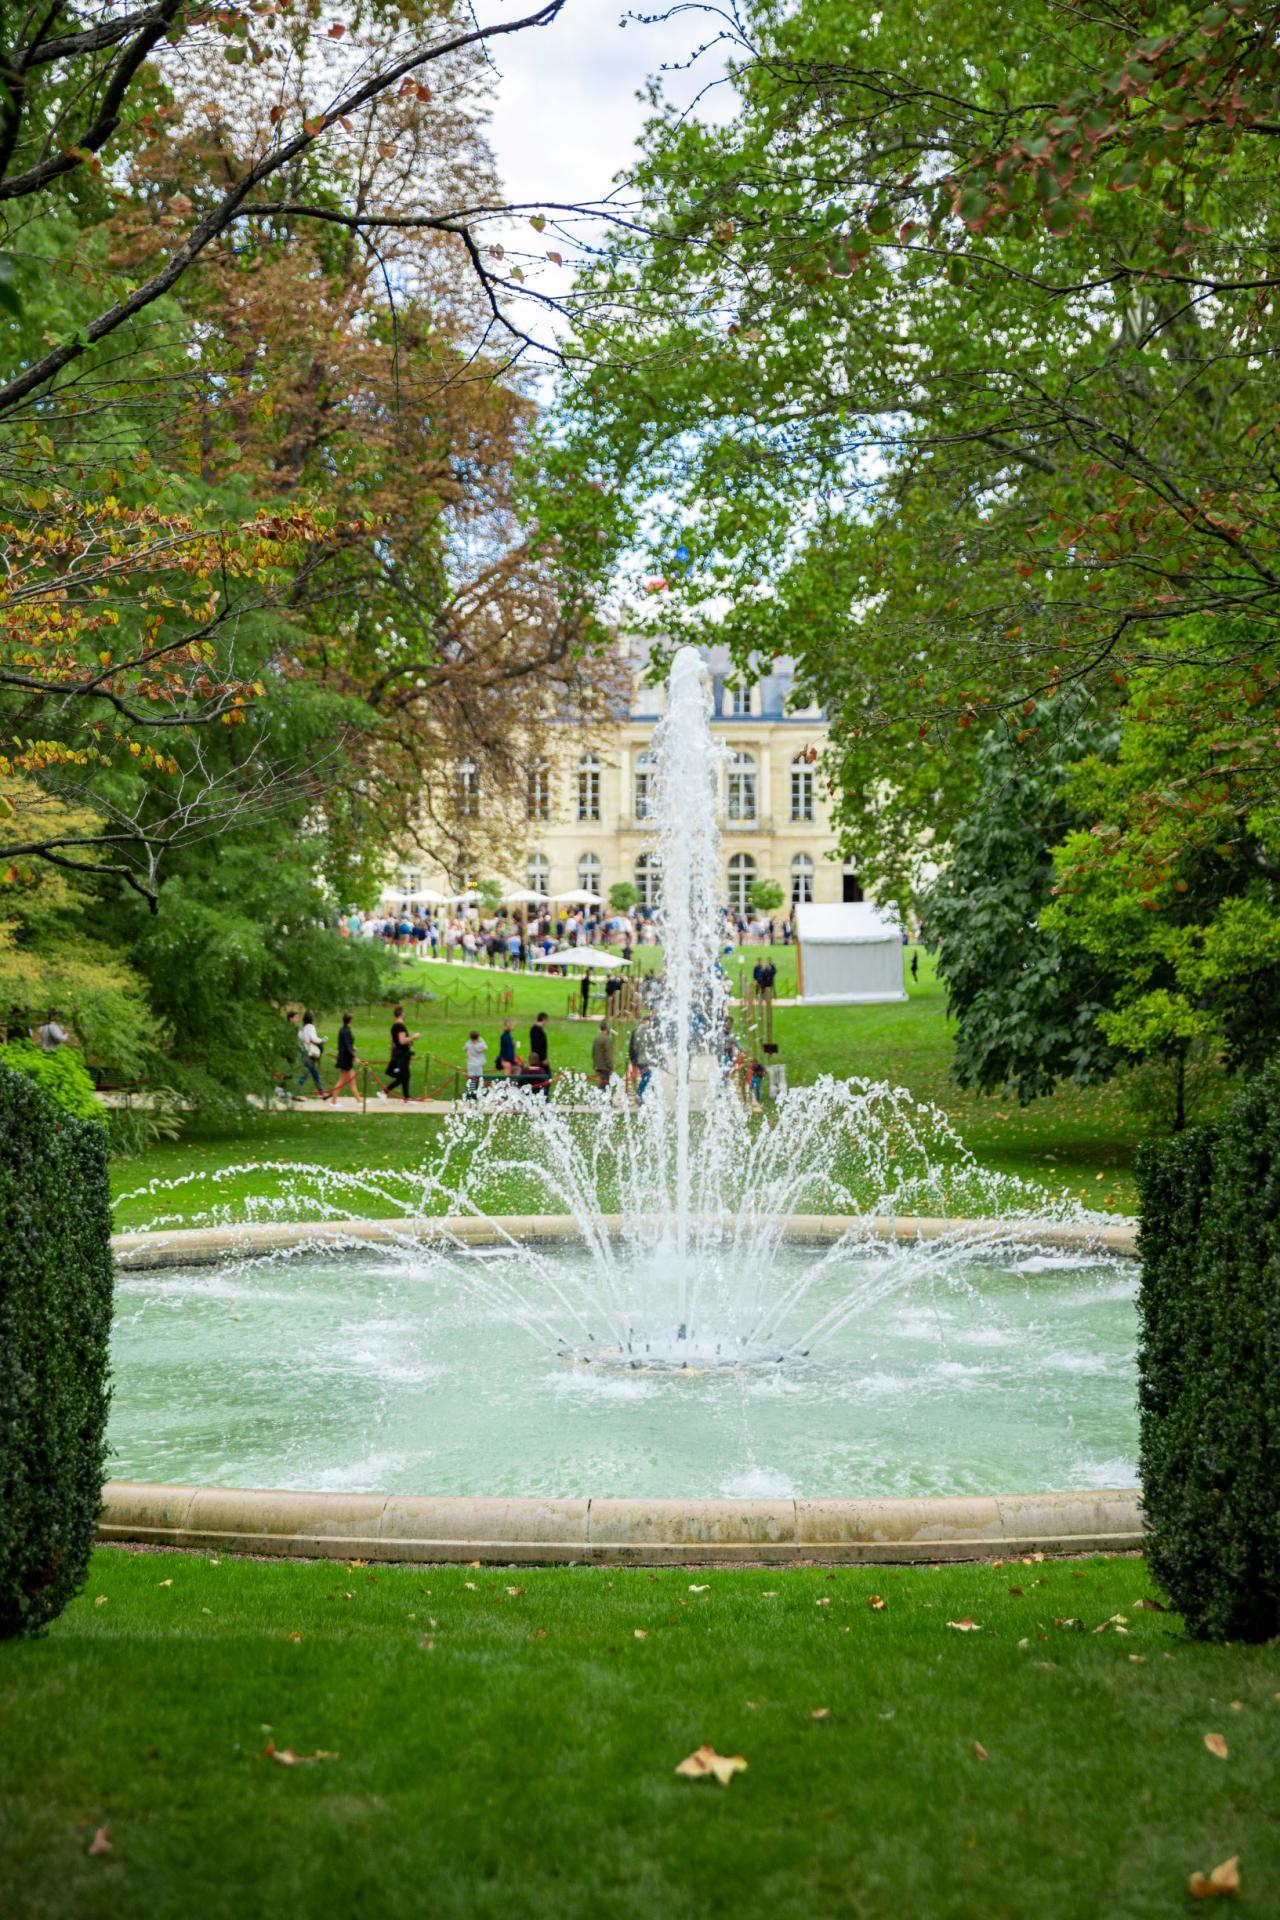 Le parc et son bassin, animé d'un jet d'eau.